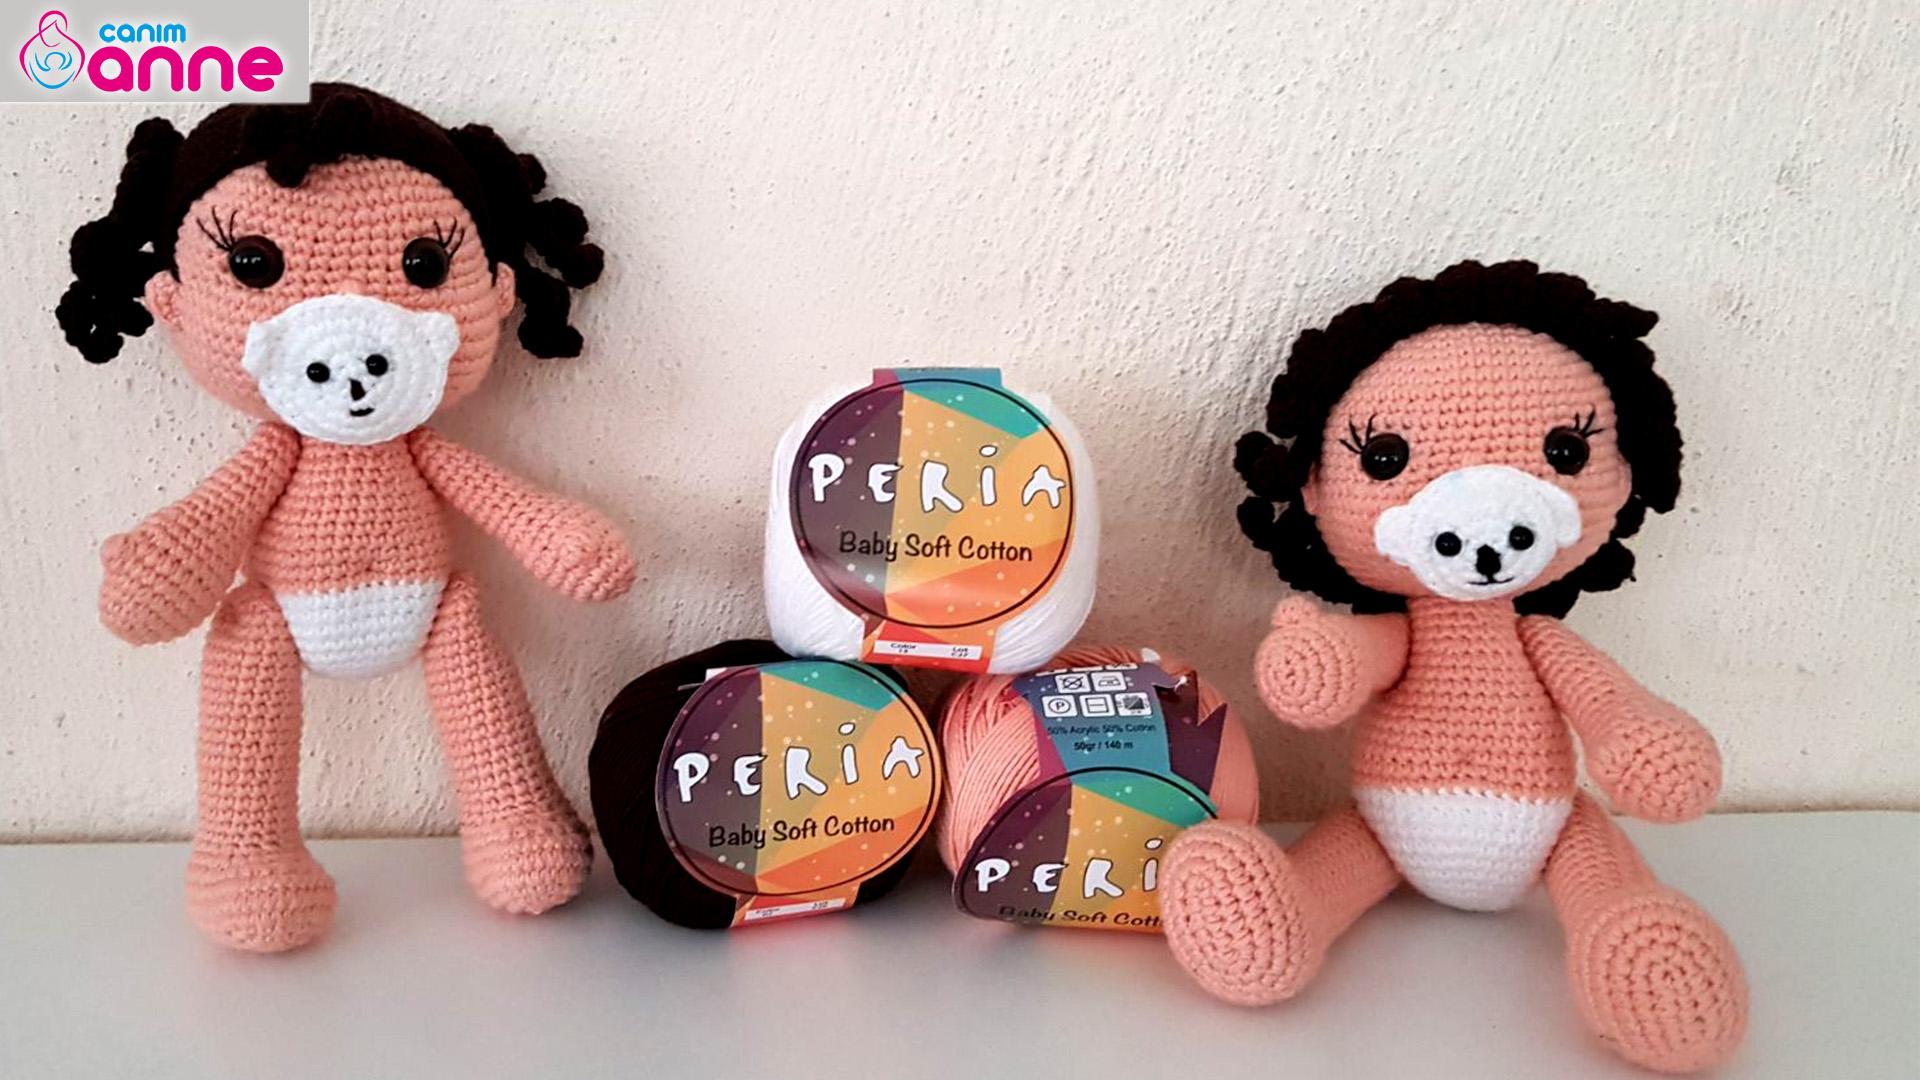 Peria Baby Soft Cotton - Peria Amigurumi   1080x1920